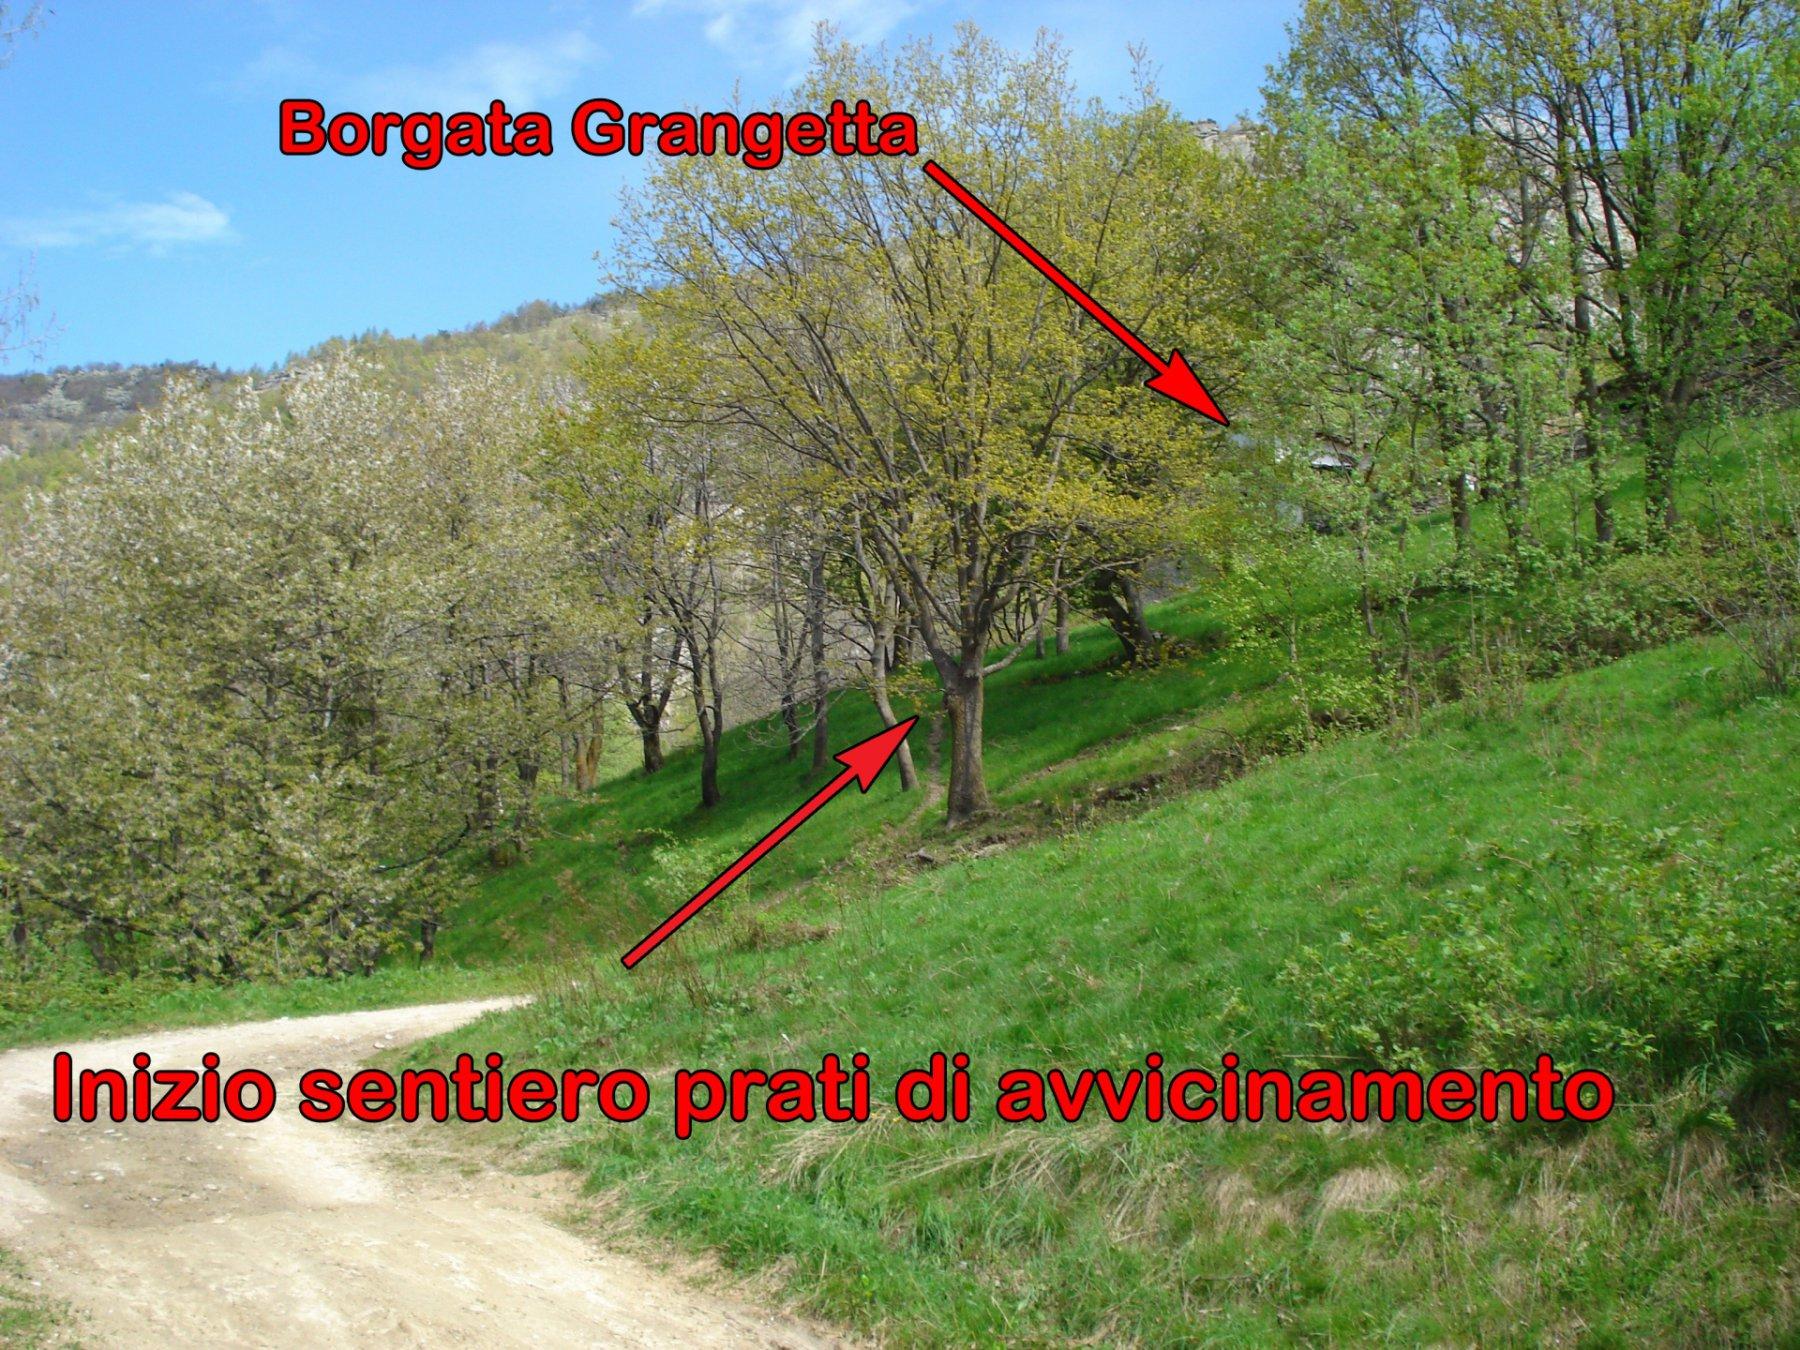 Per abbreviare il percorso di avvicinamento, prendere il sentiero che salendo per ripidi prati arriva a B.ta Grangetta ed oltrepassando la borgata si immette nuovamente nella stessa strada più in alto che percorrendola verso sx  porta sotto Roc Neir